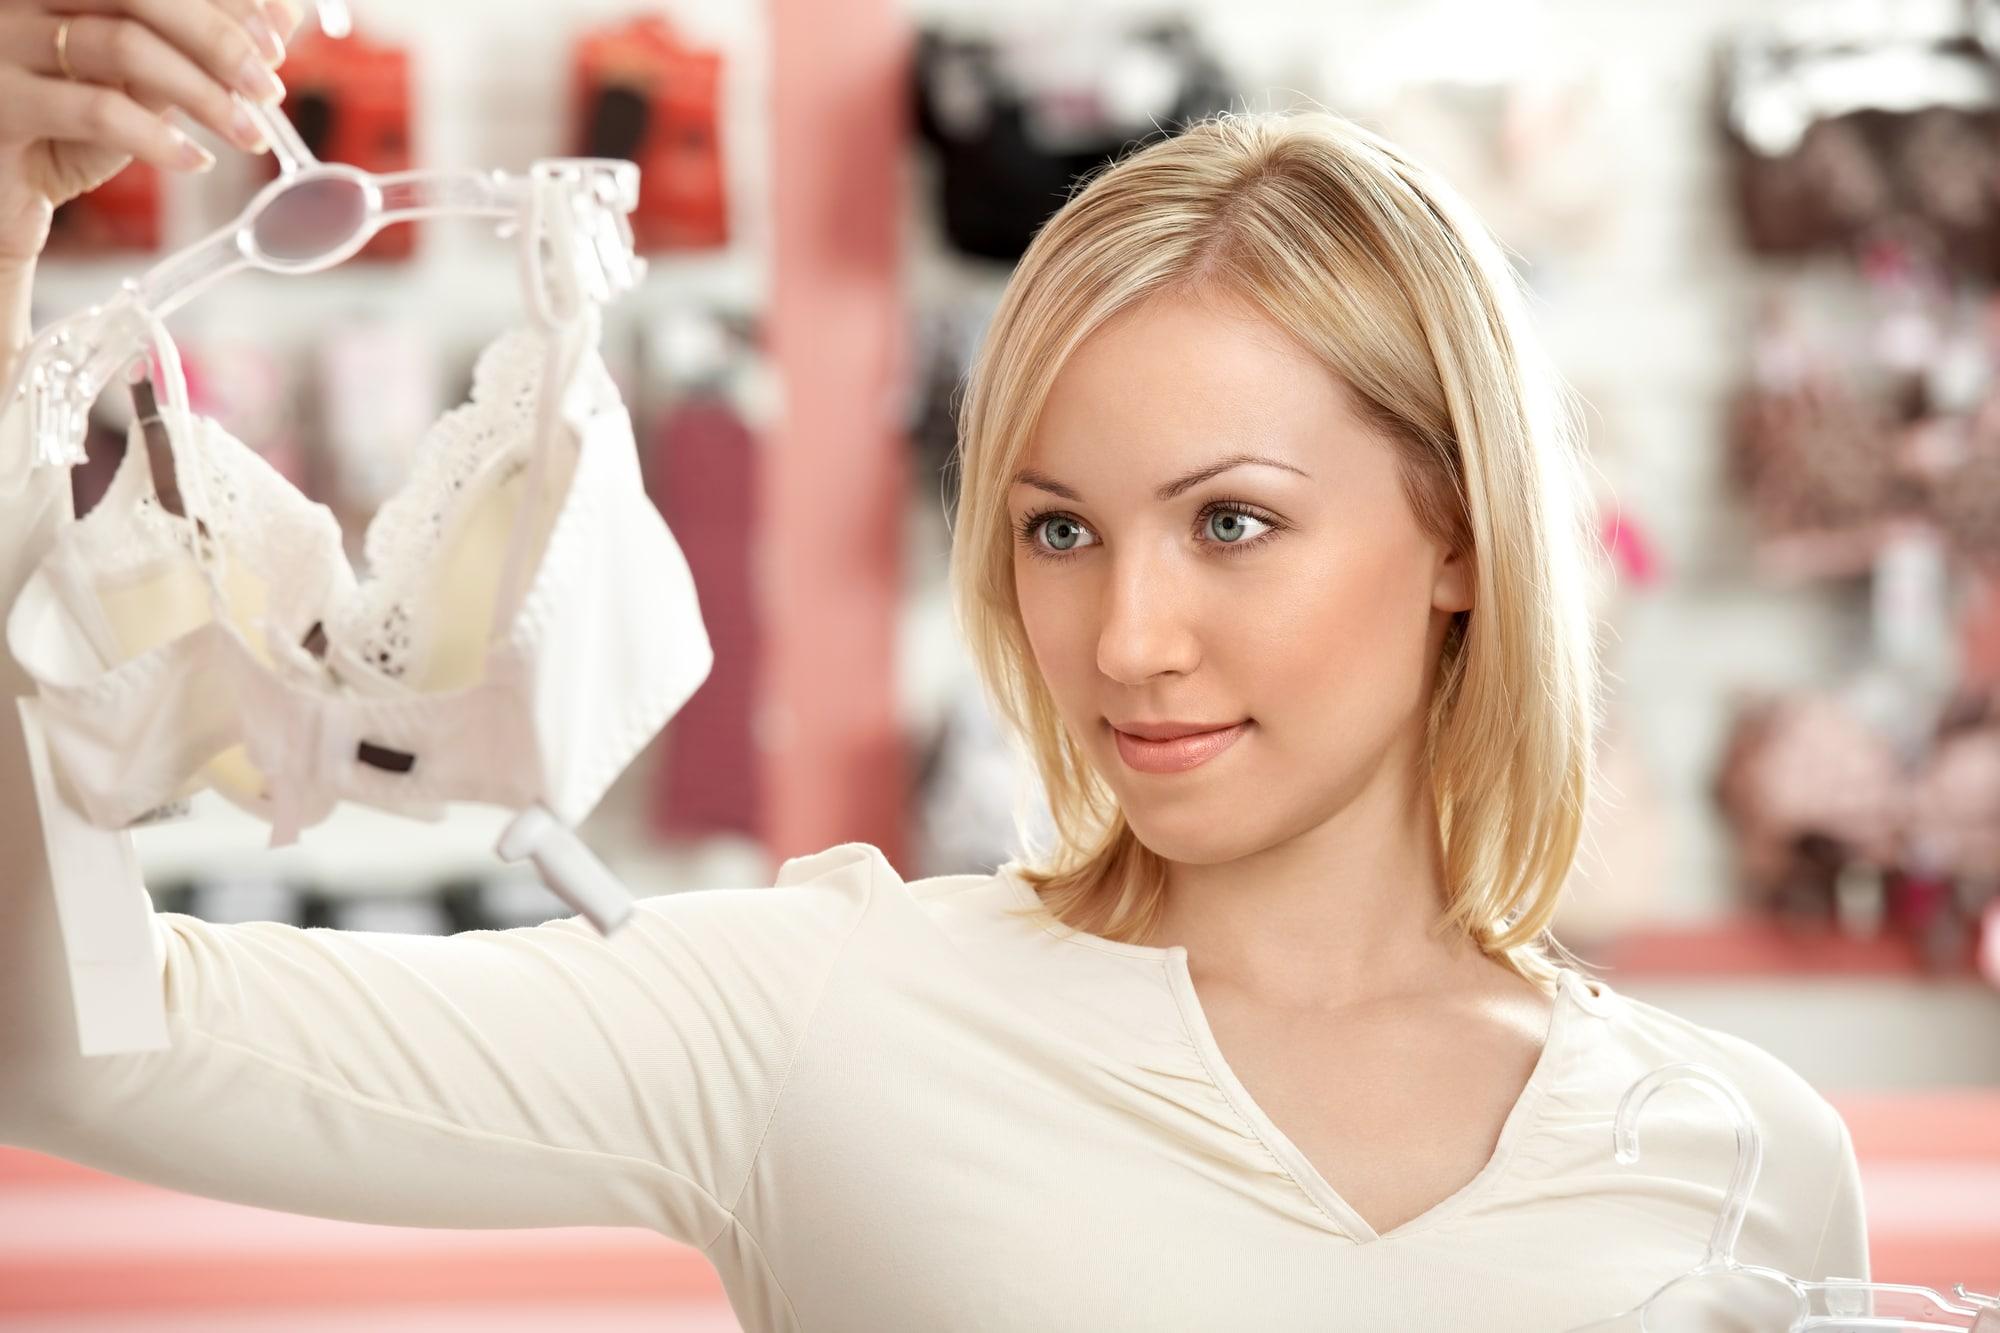 Девки в магазине нижнего белья, сайт молодежного порно